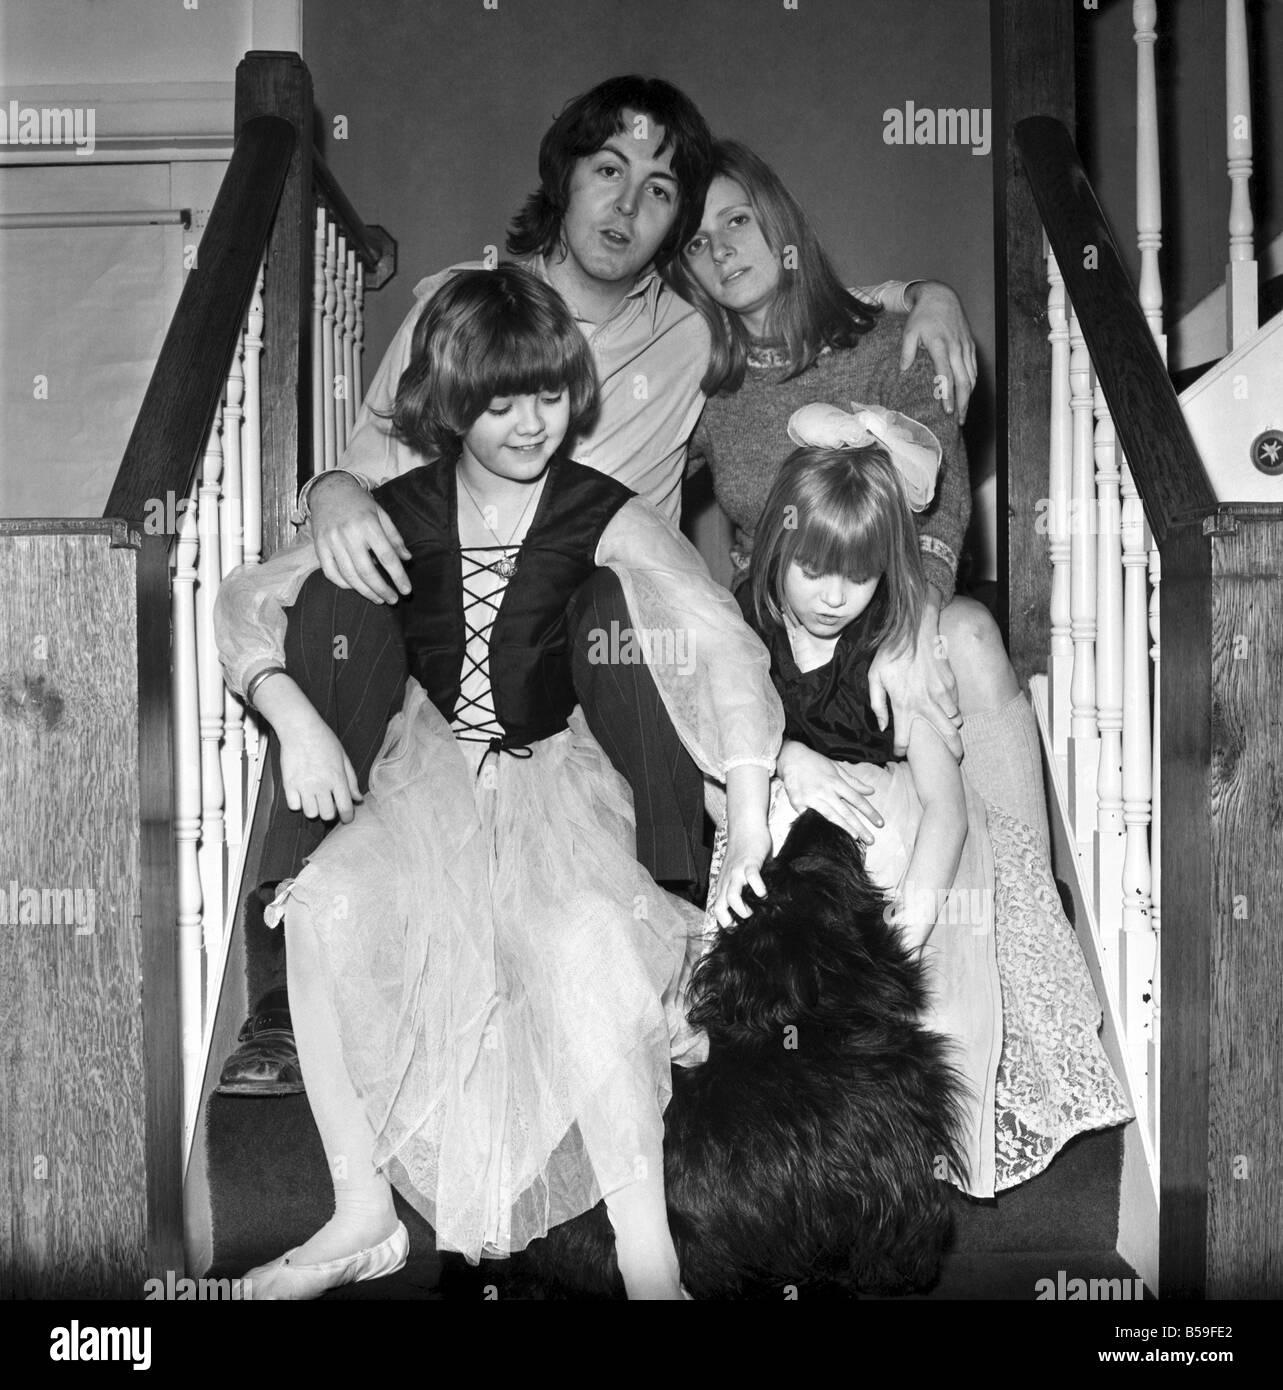 Il cantante dei Beatles Paul McCartney con la sua nuova sposa Linda Eastman  e i bambini di età compresa tra 4 e 7;Marzo 1969 ;Z02435-003 Foto stock -  Alamy